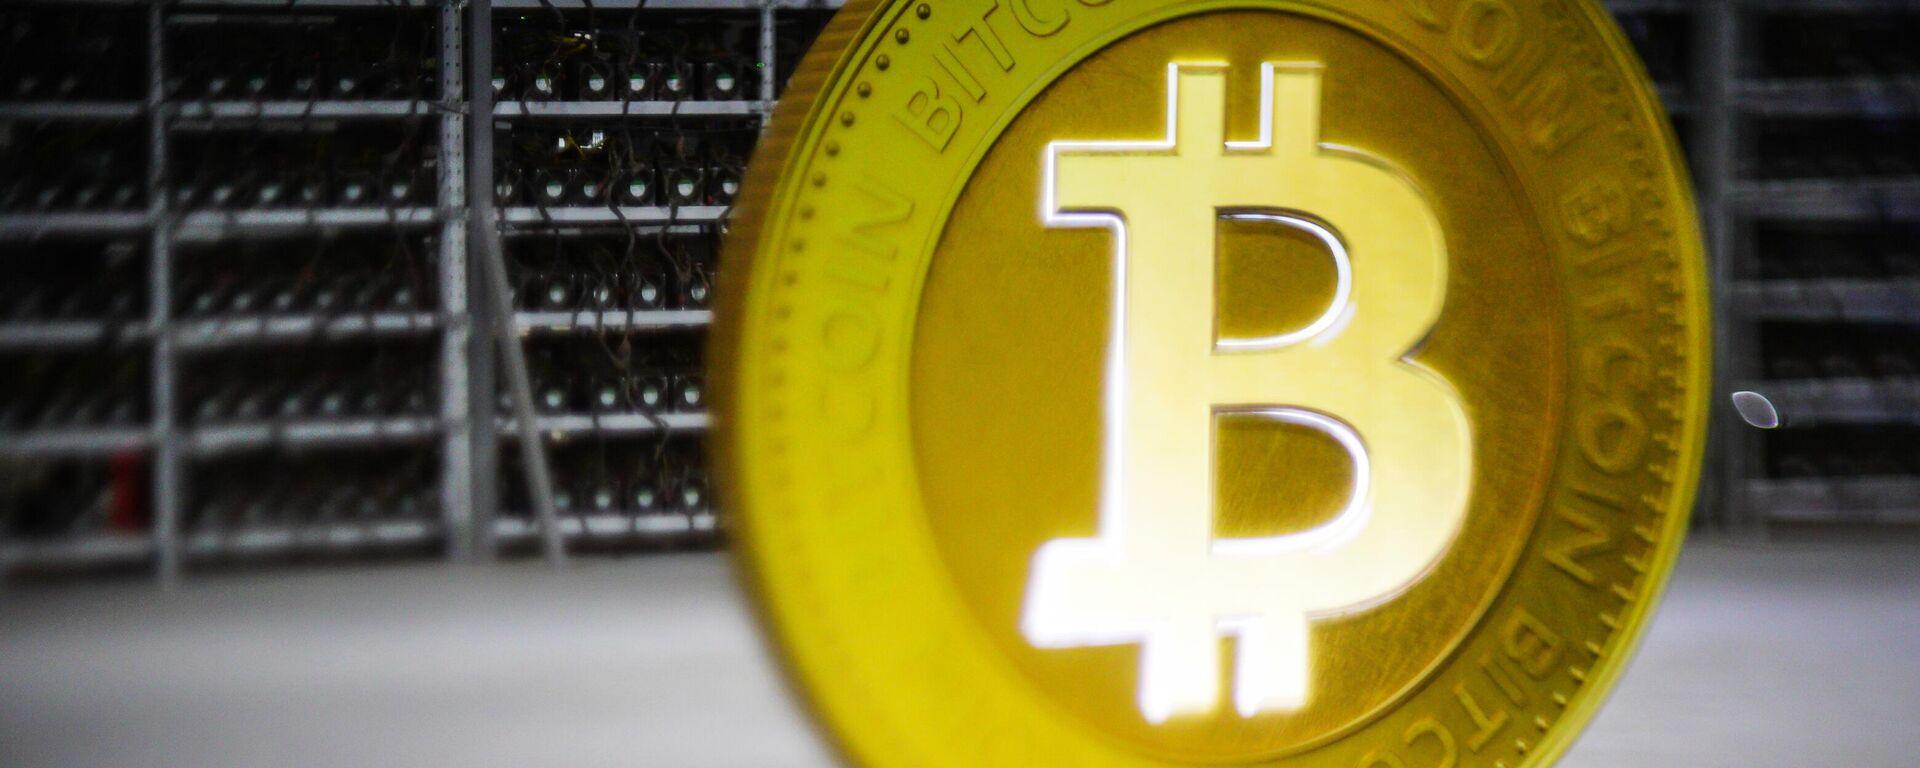 Bitcoin (Symbolbild) - SNA, 1920, 19.04.2021